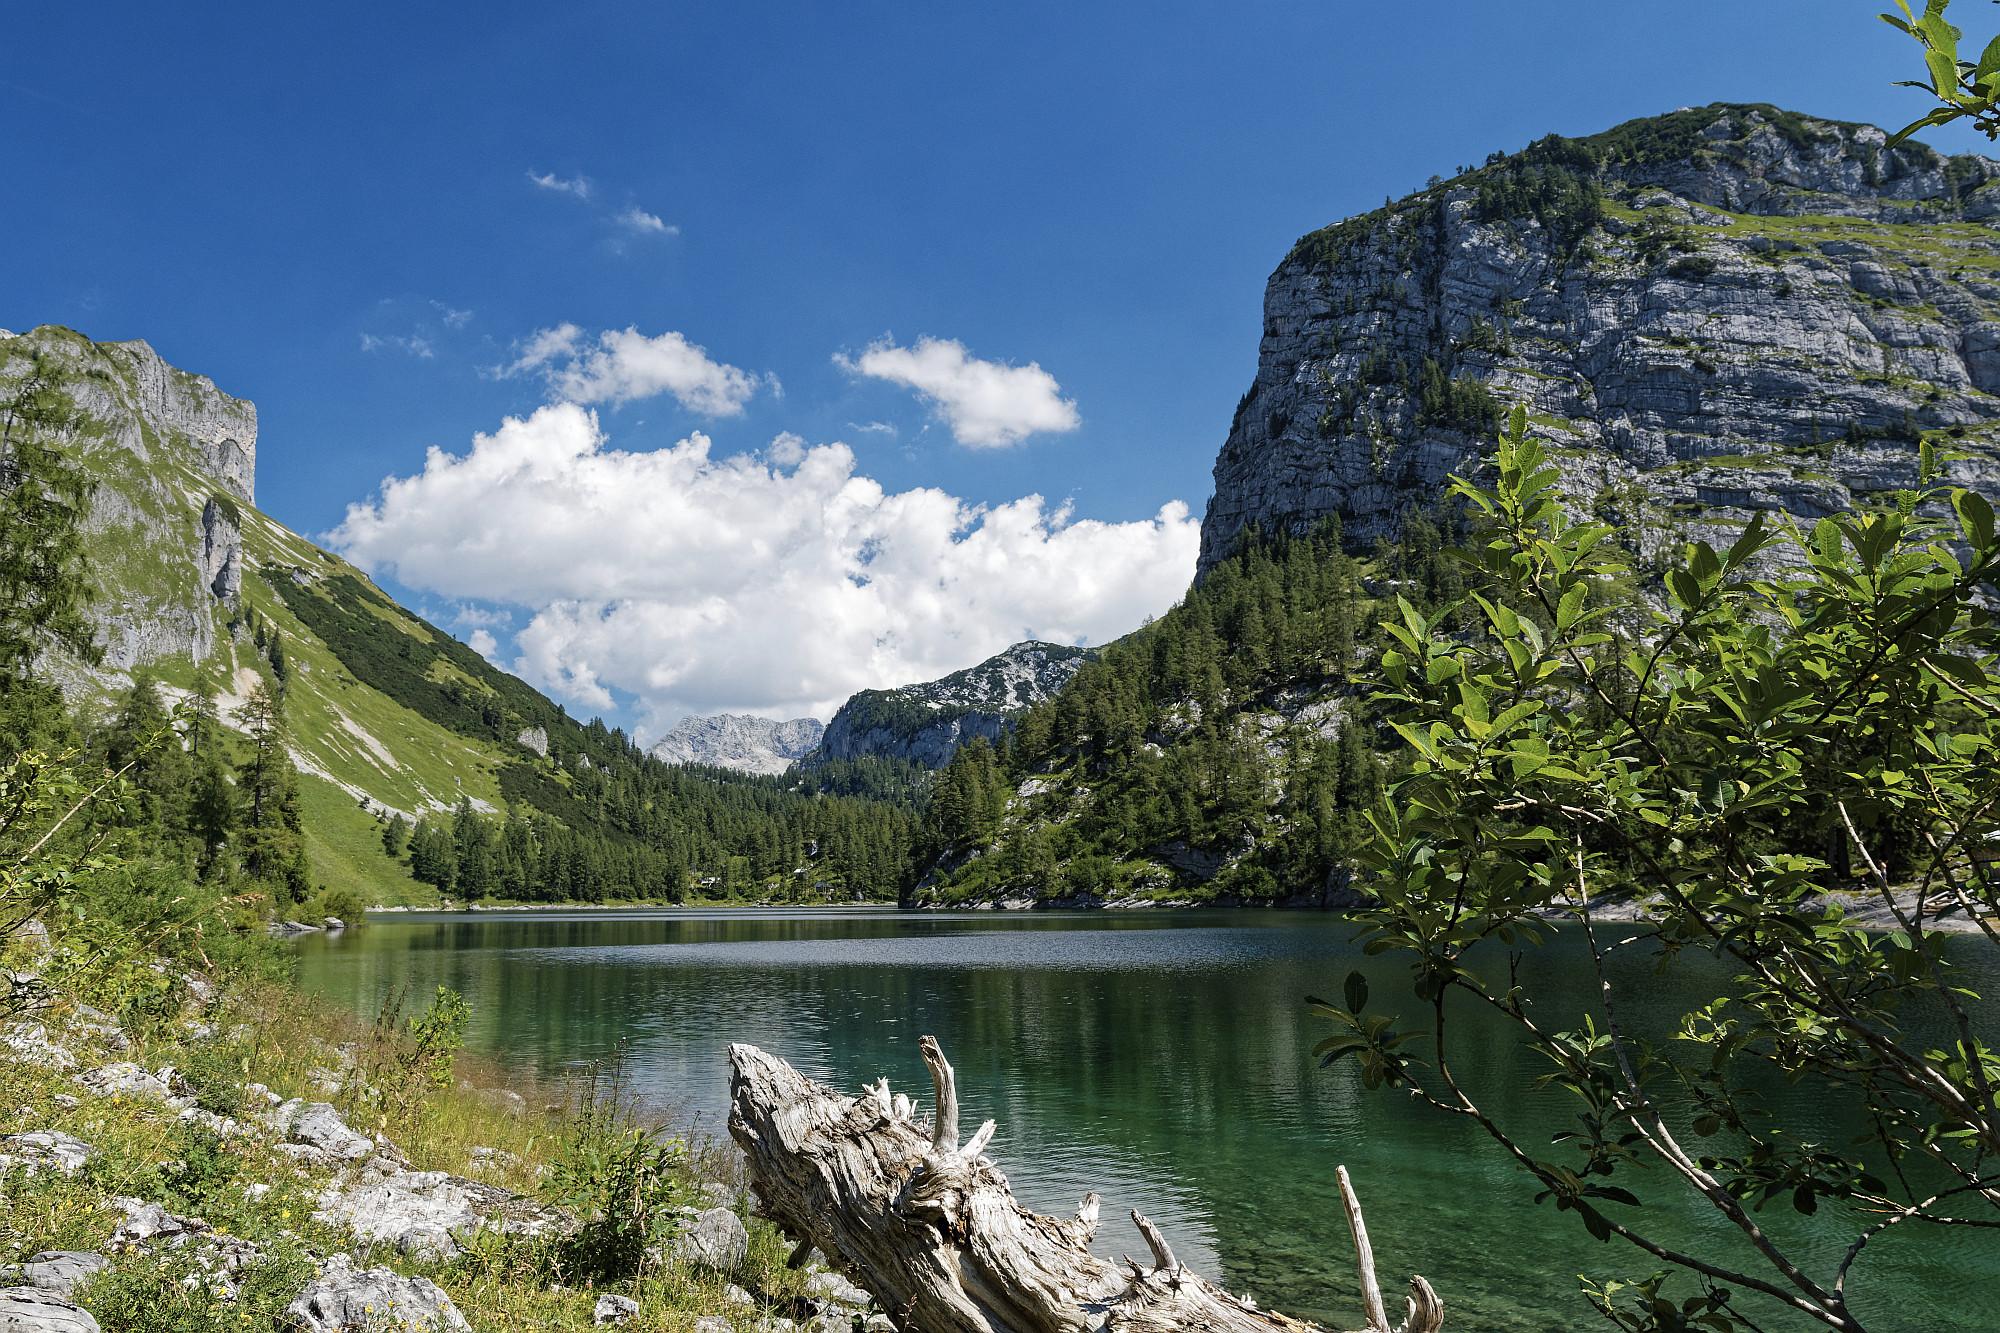 Der Blick vom vorderen Lahngangsee in Richtung totes Gebirge und Rotgschirr